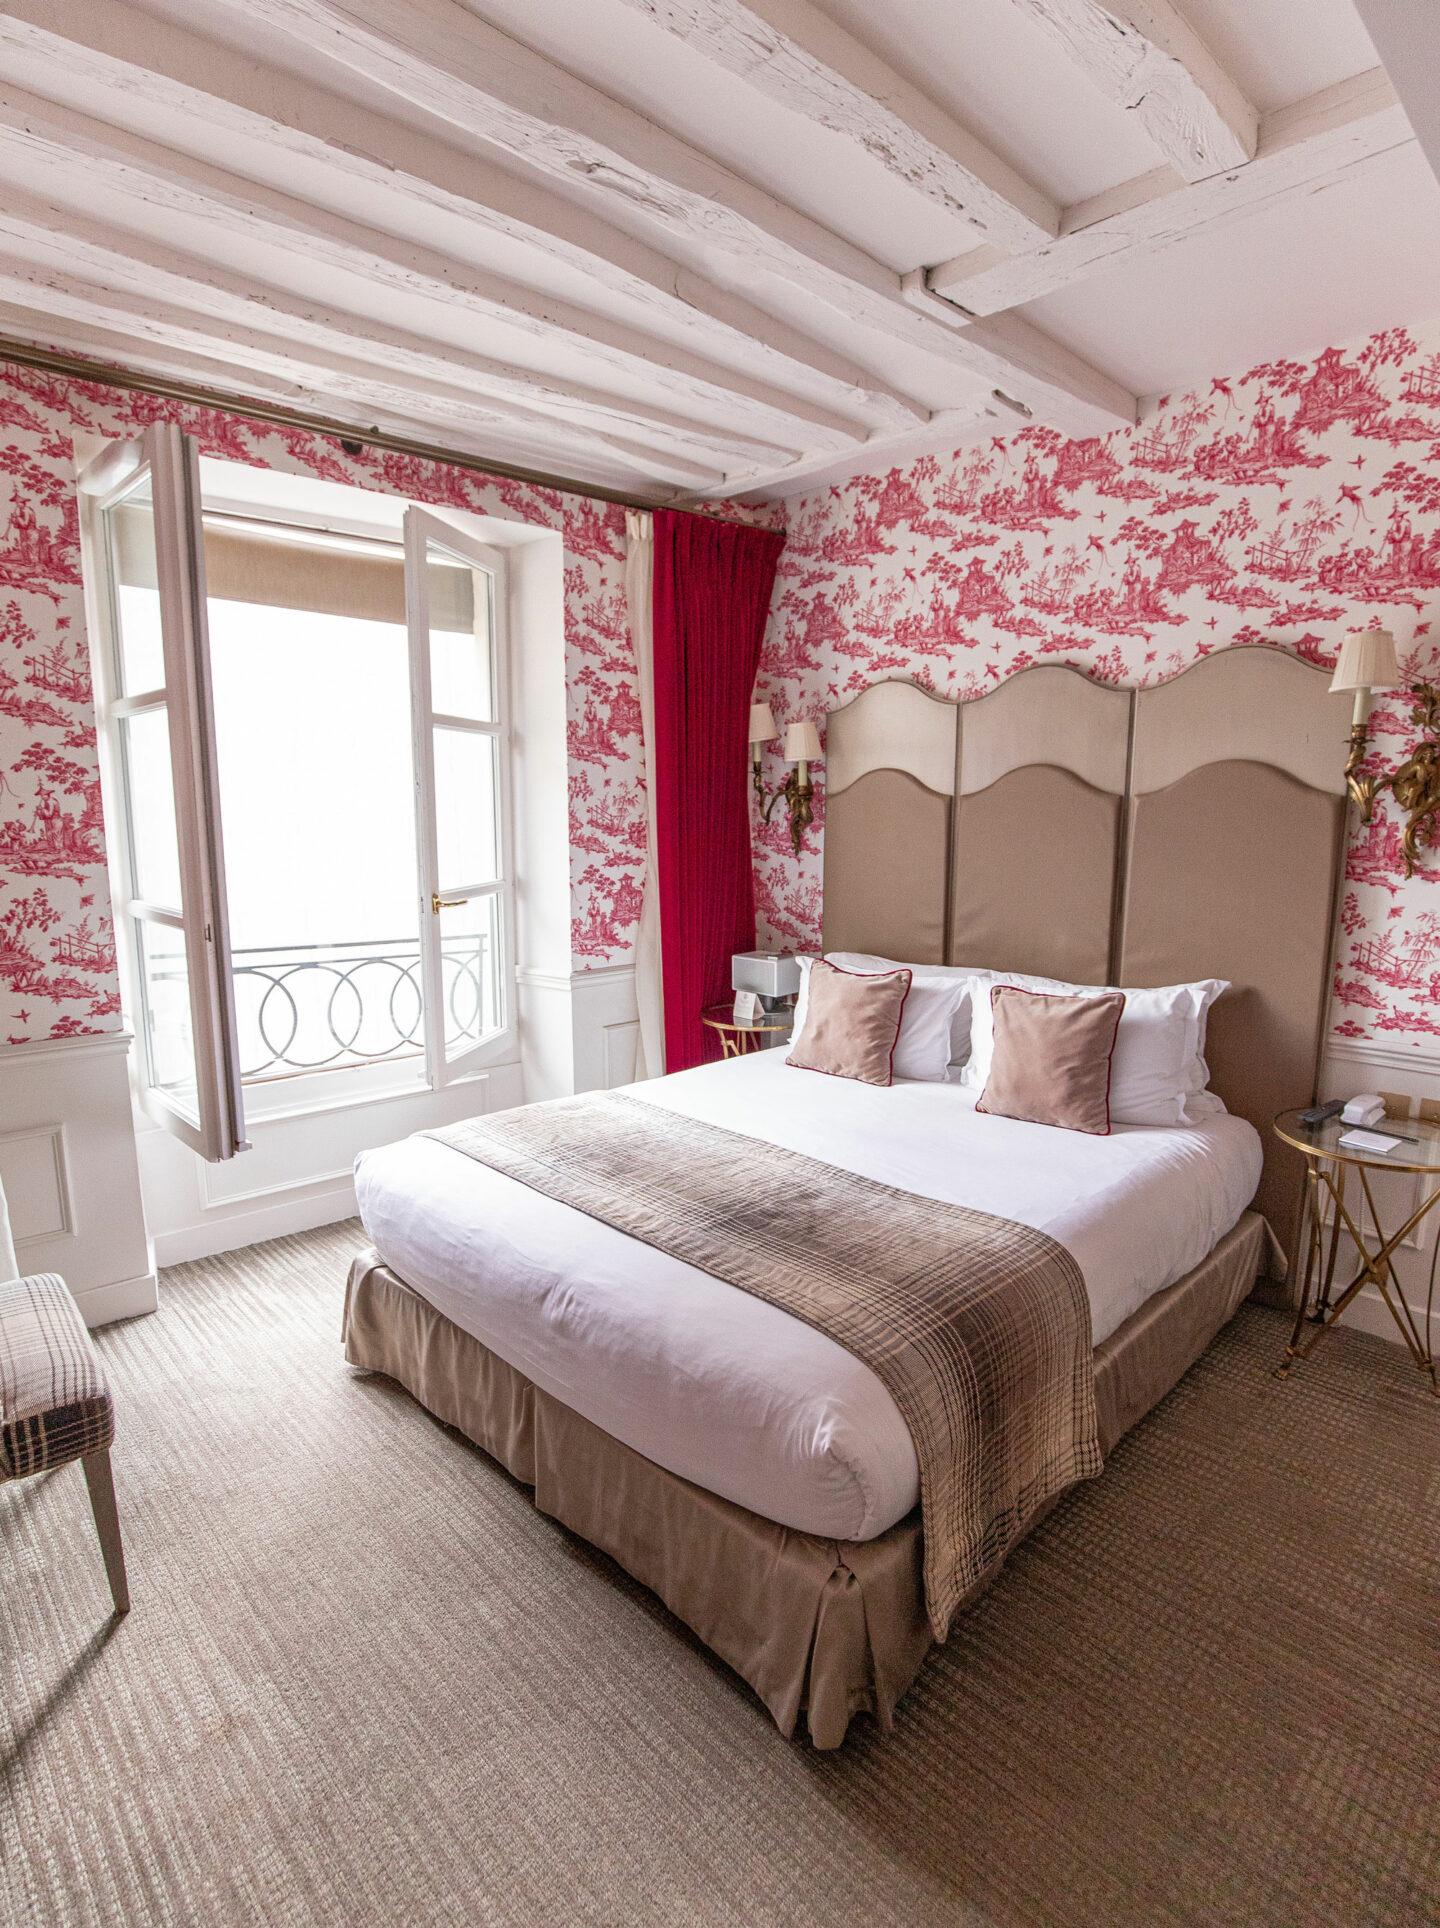 9-best-hotels-in-paris-where-to-stay-in-paris-paris-boutique-hotel-la-maison-favart-kelsey-heinrichs-kelseyinlondon